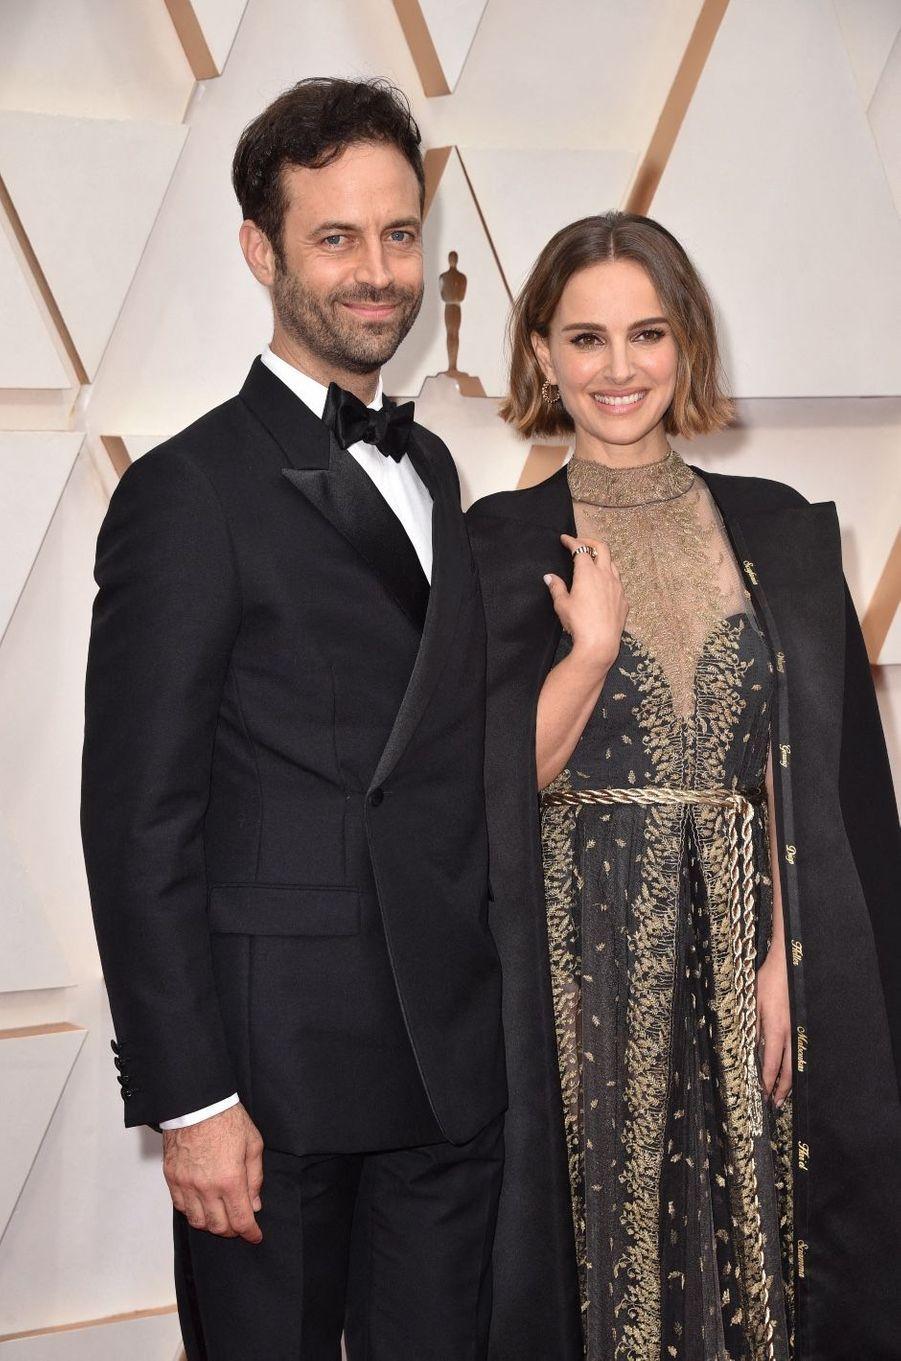 Si le film«Black Swan» a apporté à Natalie Portman un succès fou et a lancé sa carrière, il lui a aussi apporté l'amour en 2009. C'est avec son chorégraphe Benjamin Millepied que l'actrice s'est unie pour lavie en 2012 et le couple a eu une petite fille en 2017, Amelia.